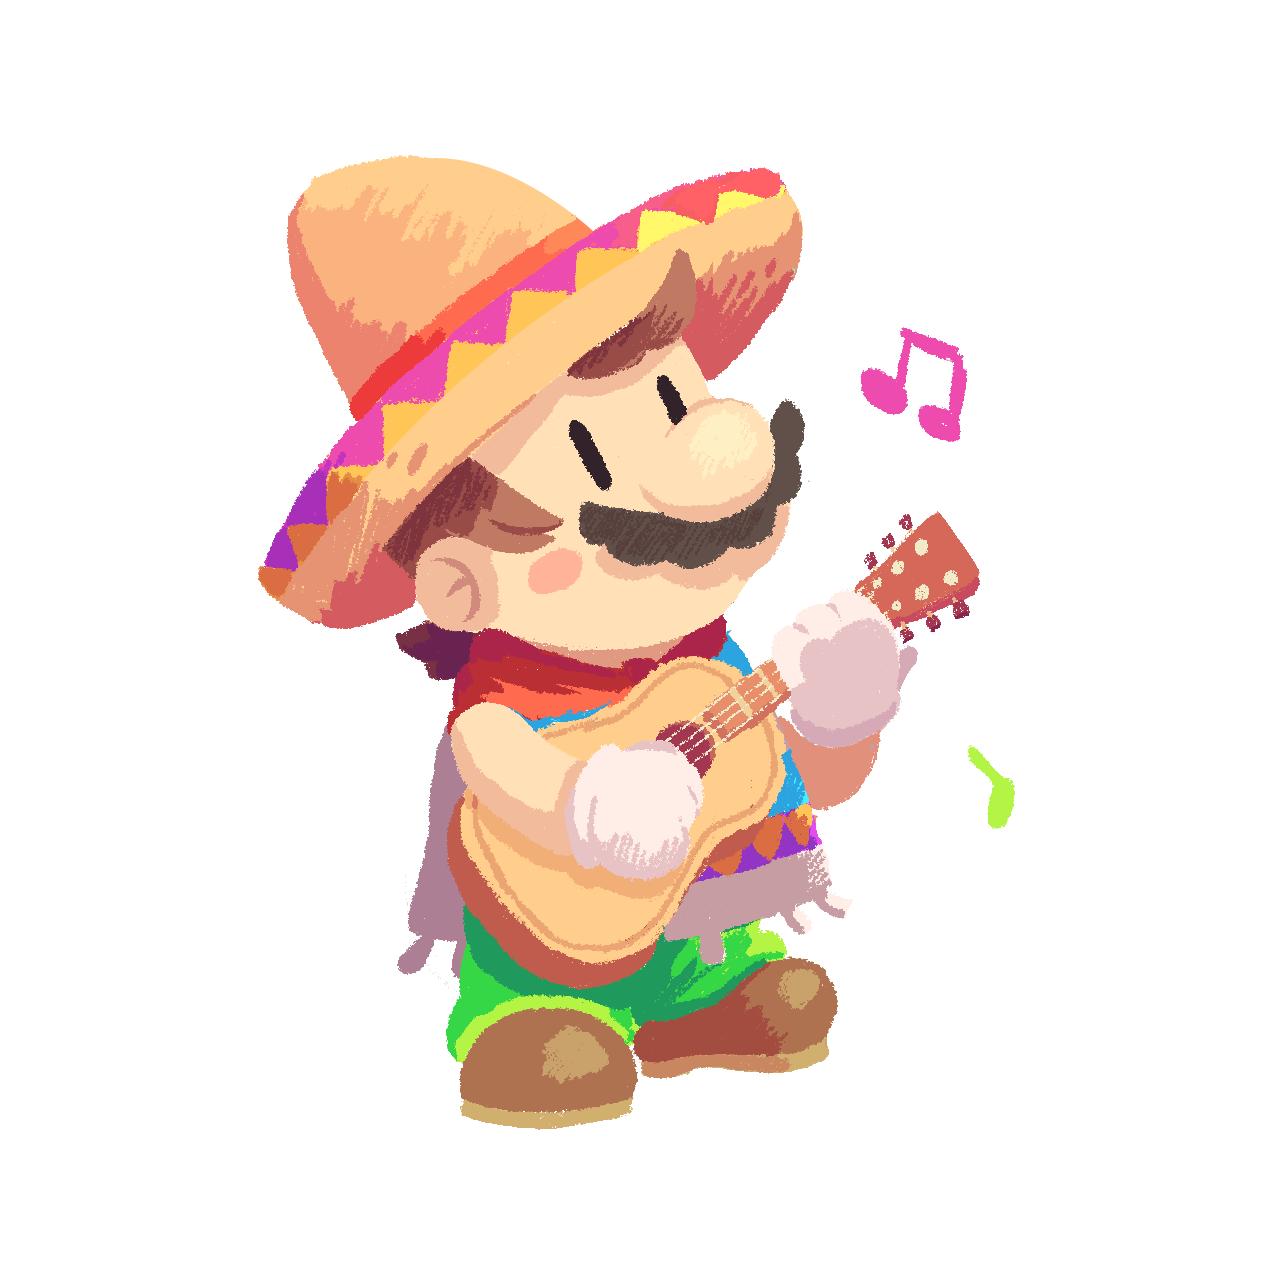 69ec85cb63d Mexican Mario. Mexican Mario Super Smash Bros ...